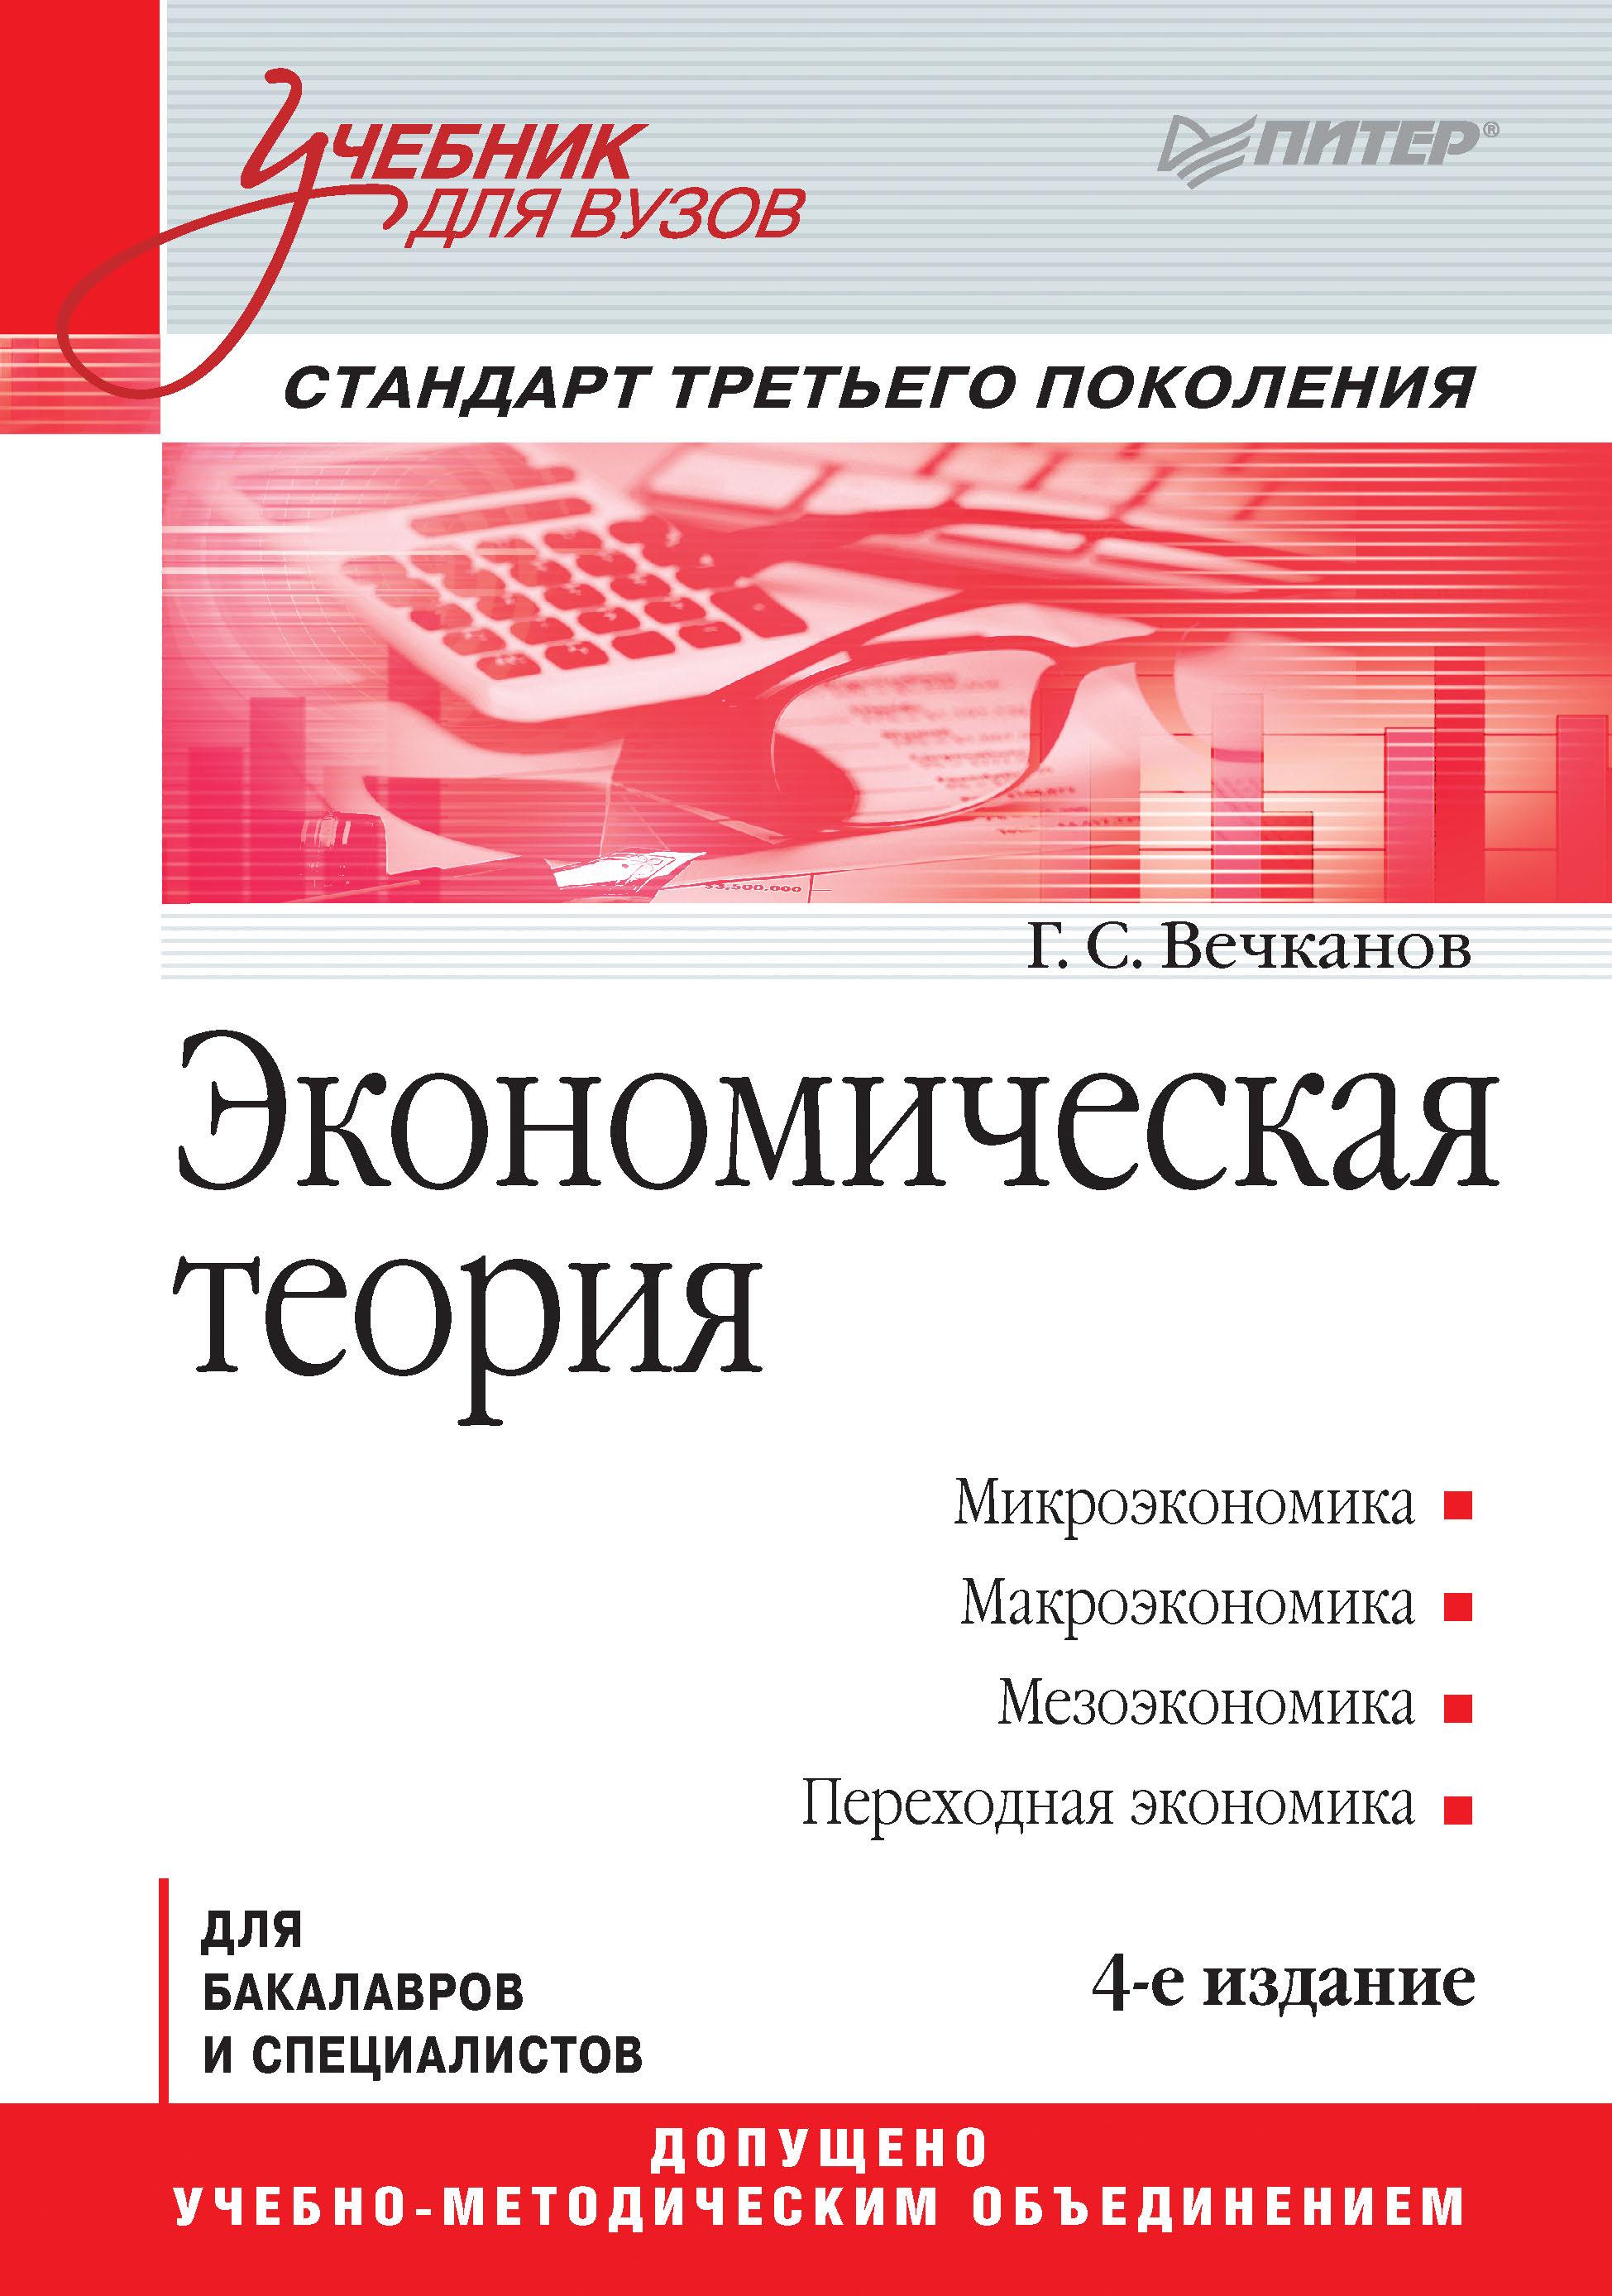 Григорий Вечканов Экономическая теория вечканов г экономическая теория для бакалавров и специалистов 4 е издание стандарт третьего поколения